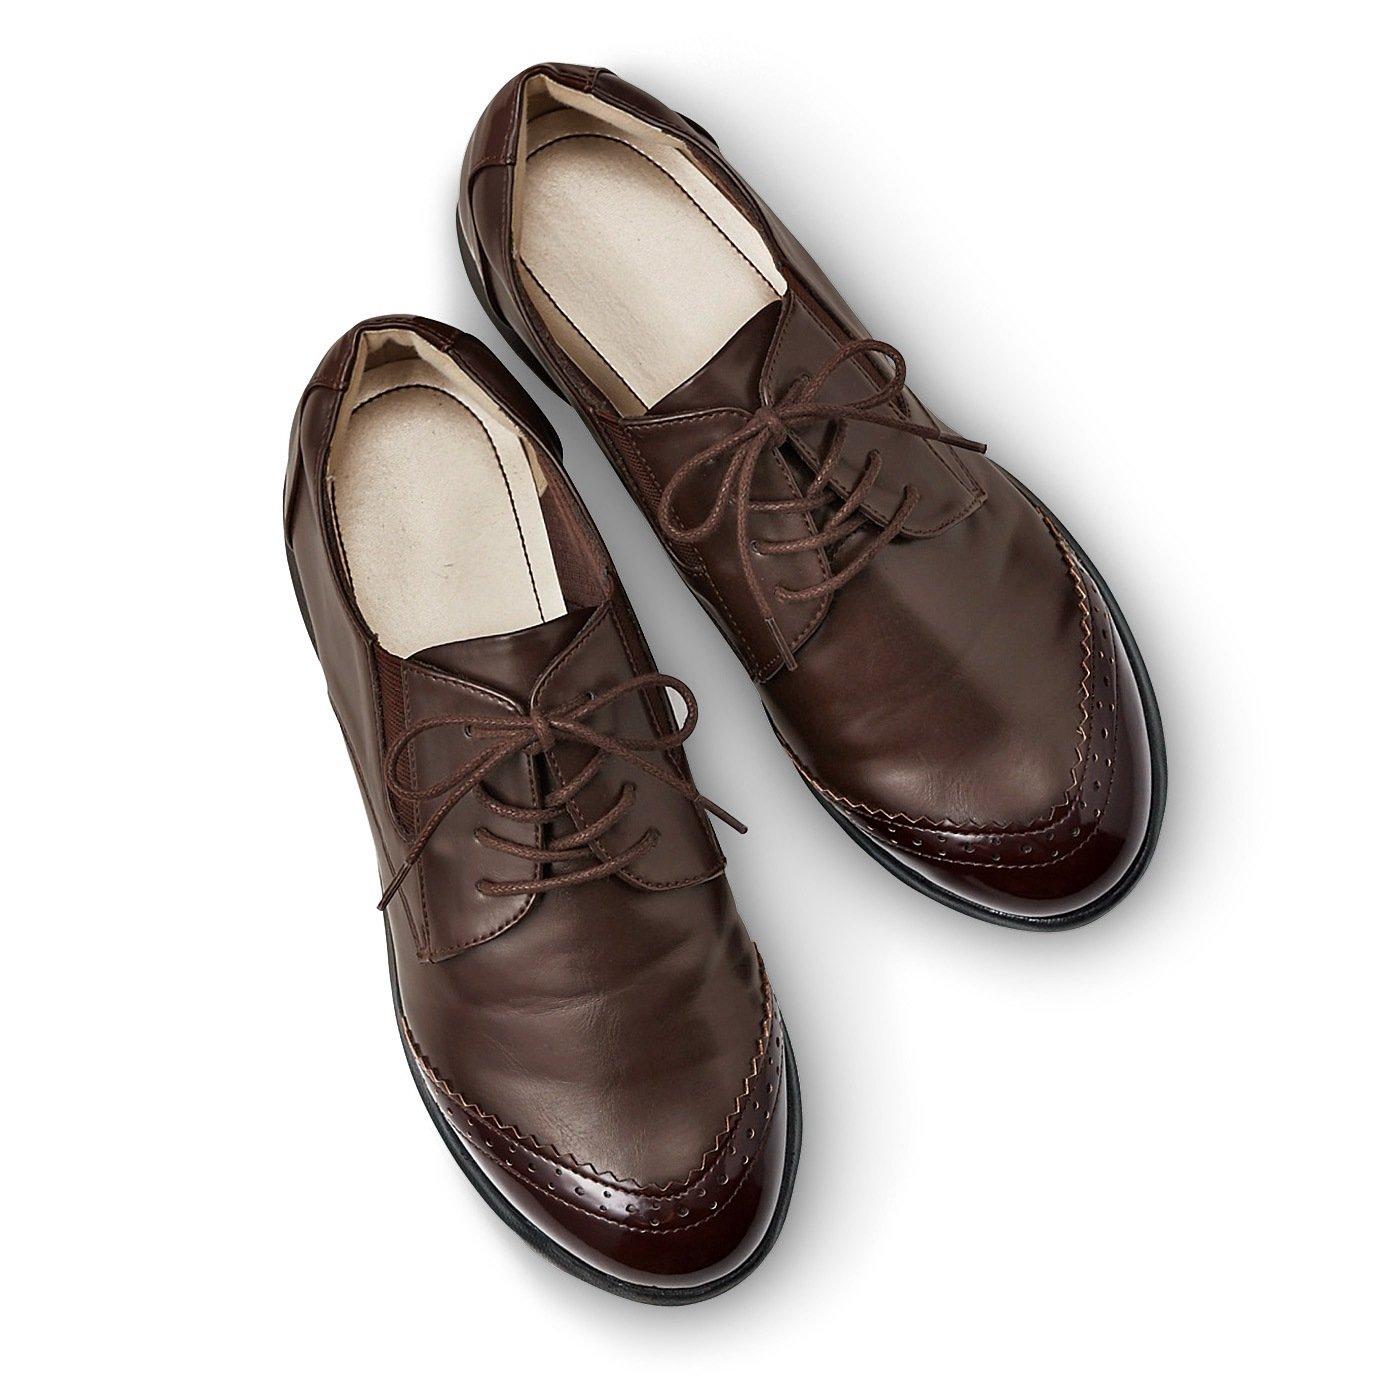 脱ぎ履き素早く驚くほど軽いスニーカー心地のきちんと靴〈ブラウン〉